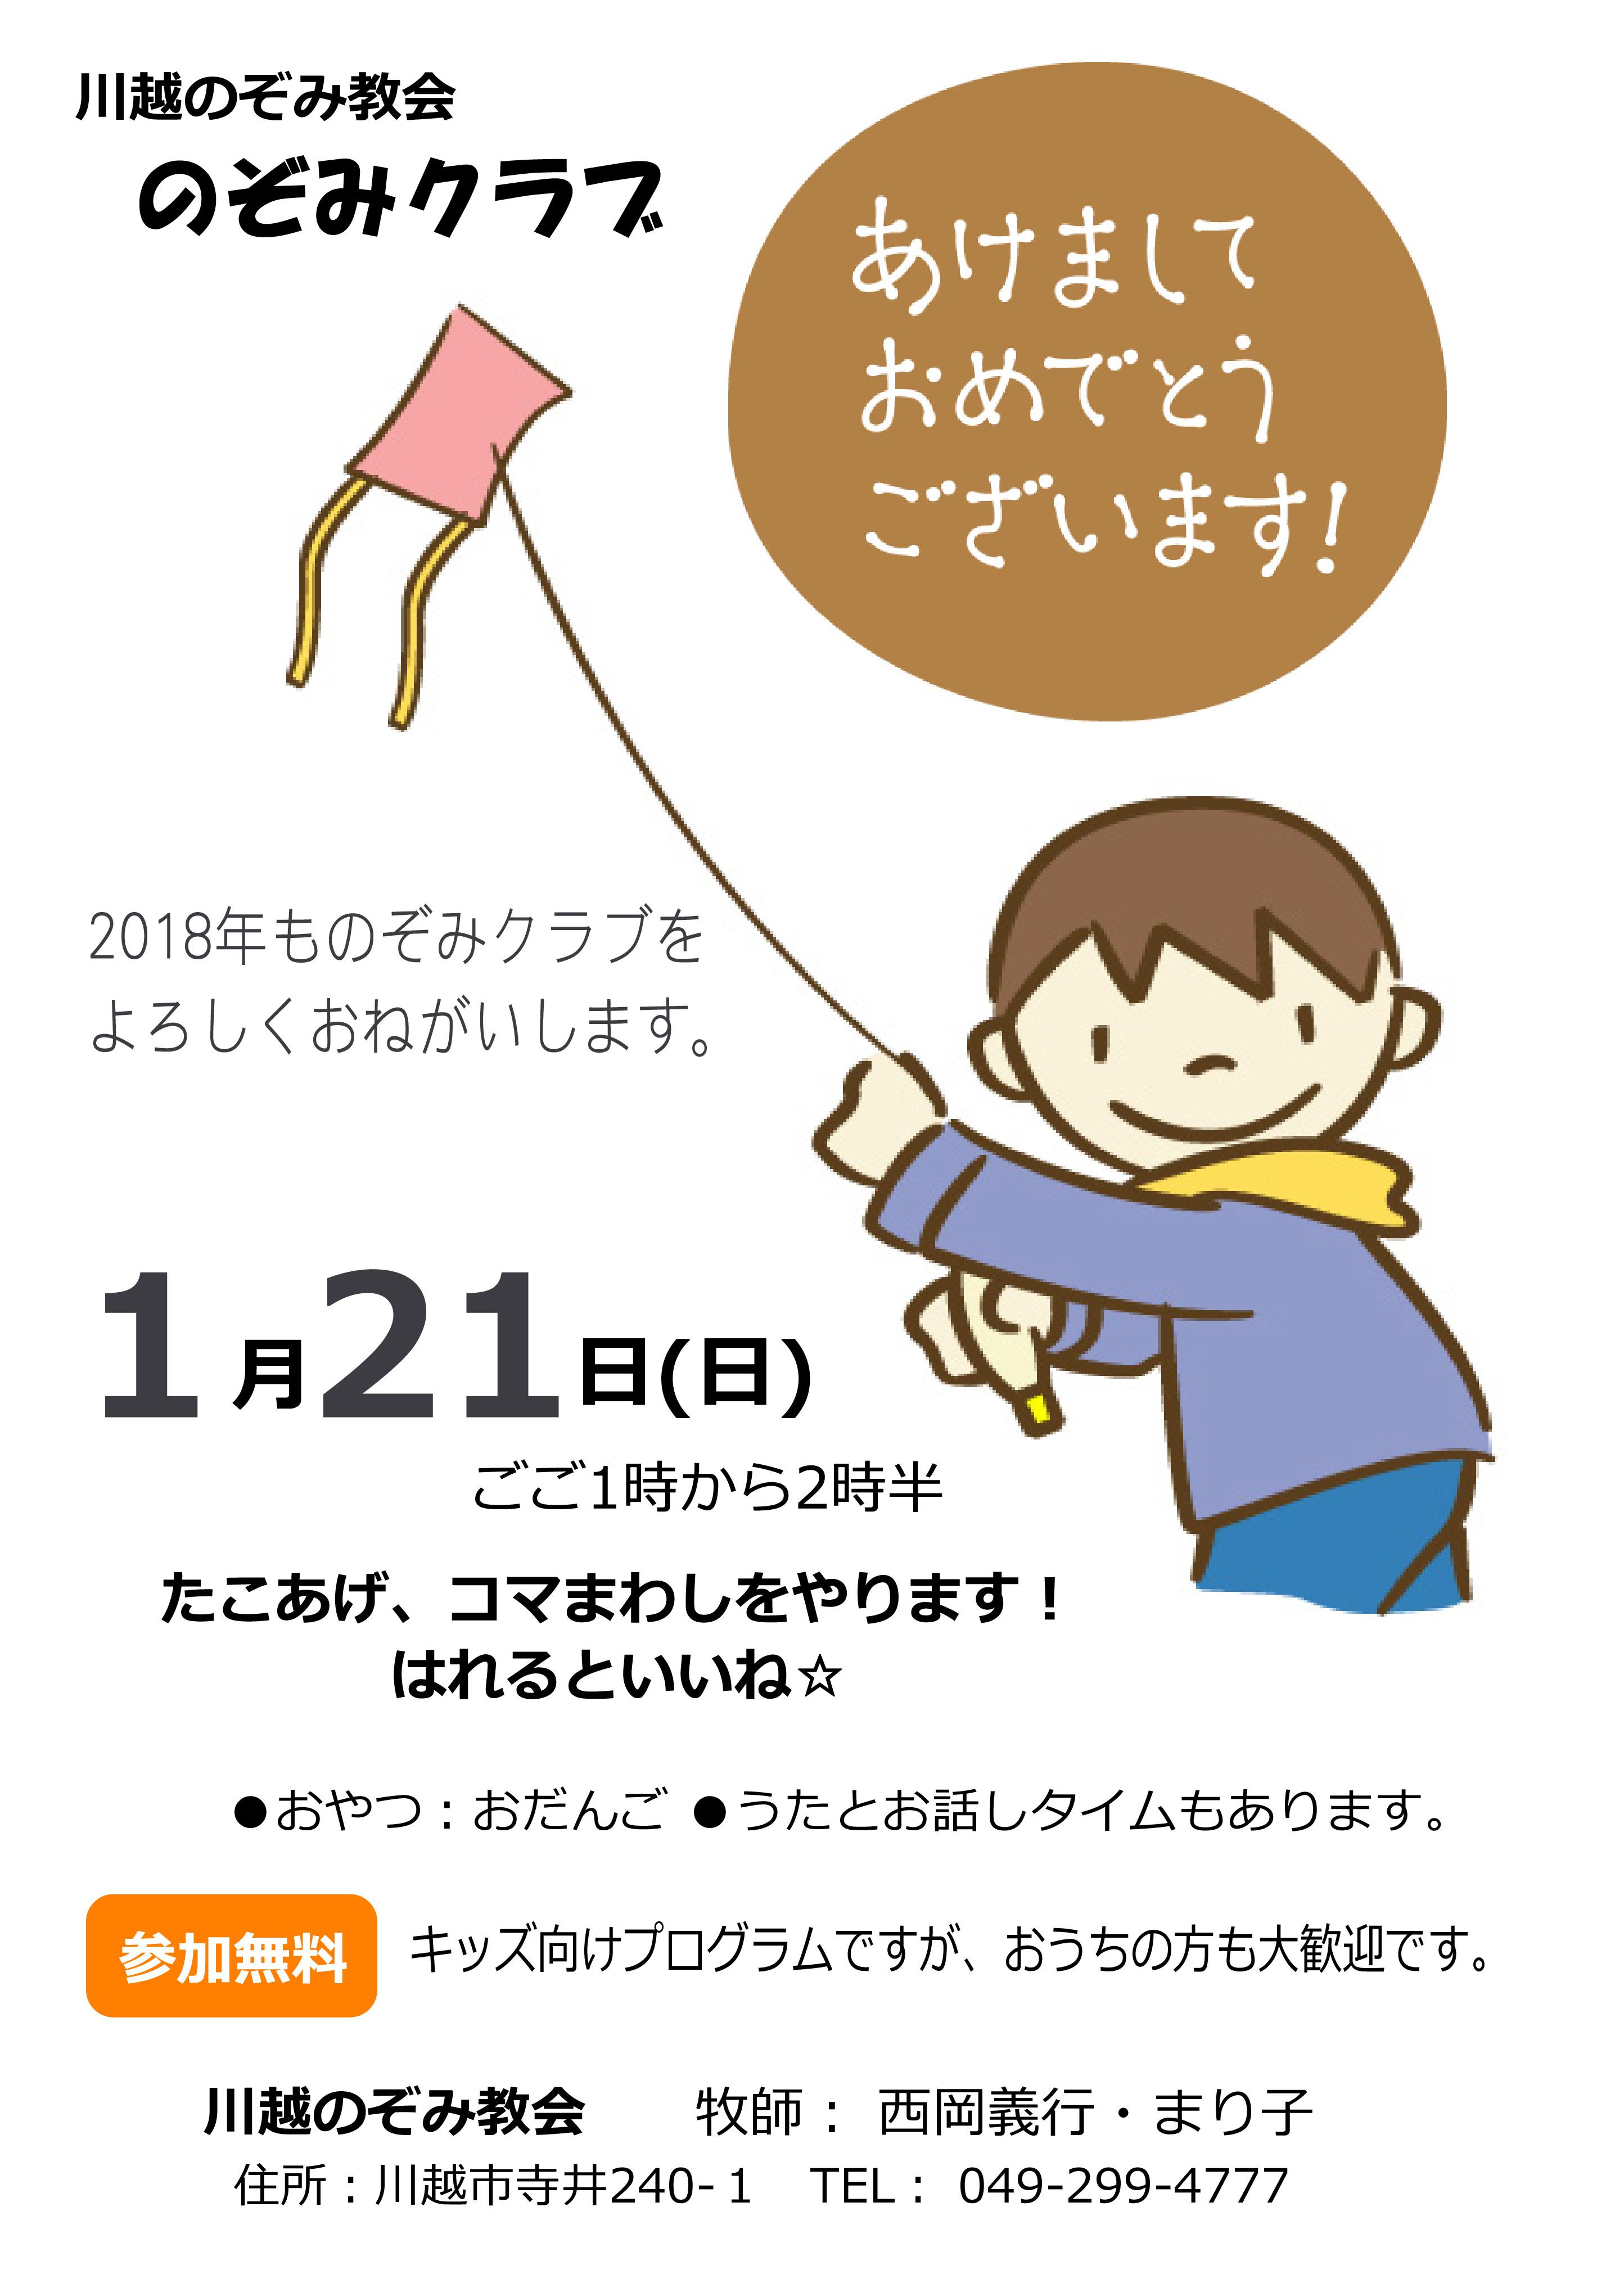 Nenga_2018nozomi_club.jpg